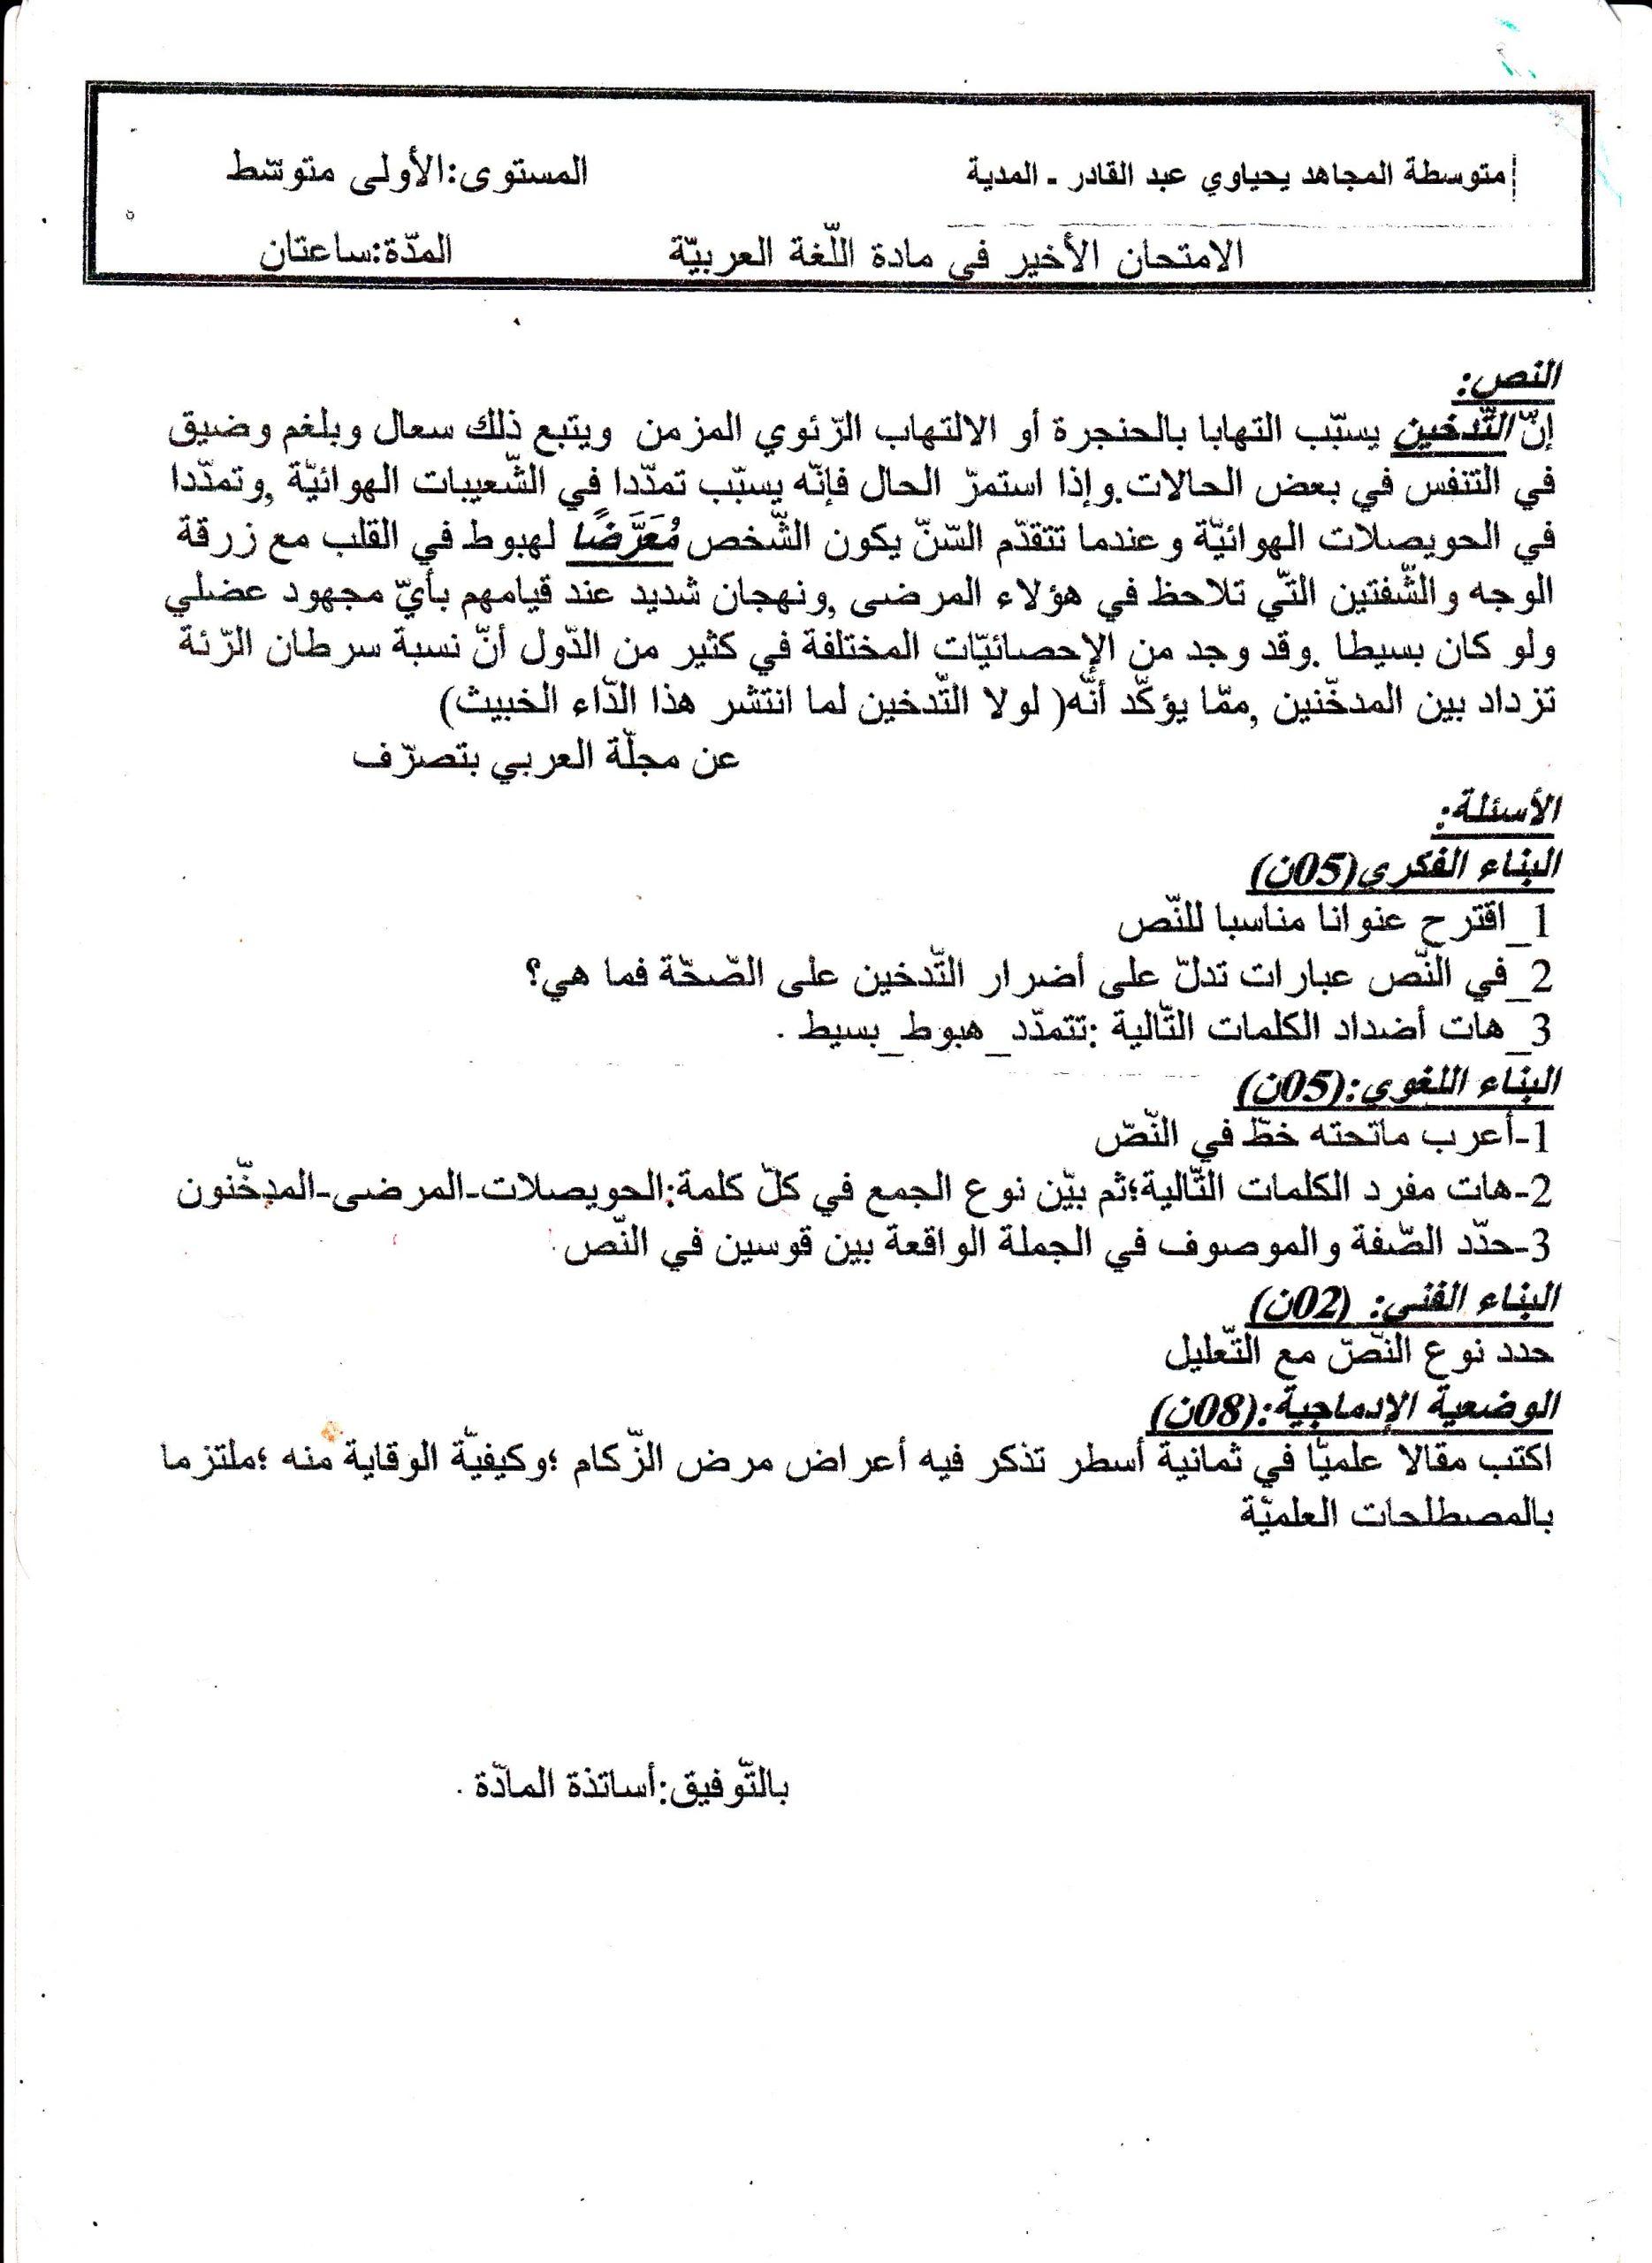 اختبار الفصل الثالث في اللغة العربية للسنة الأولى متوسط - الموضوع 06